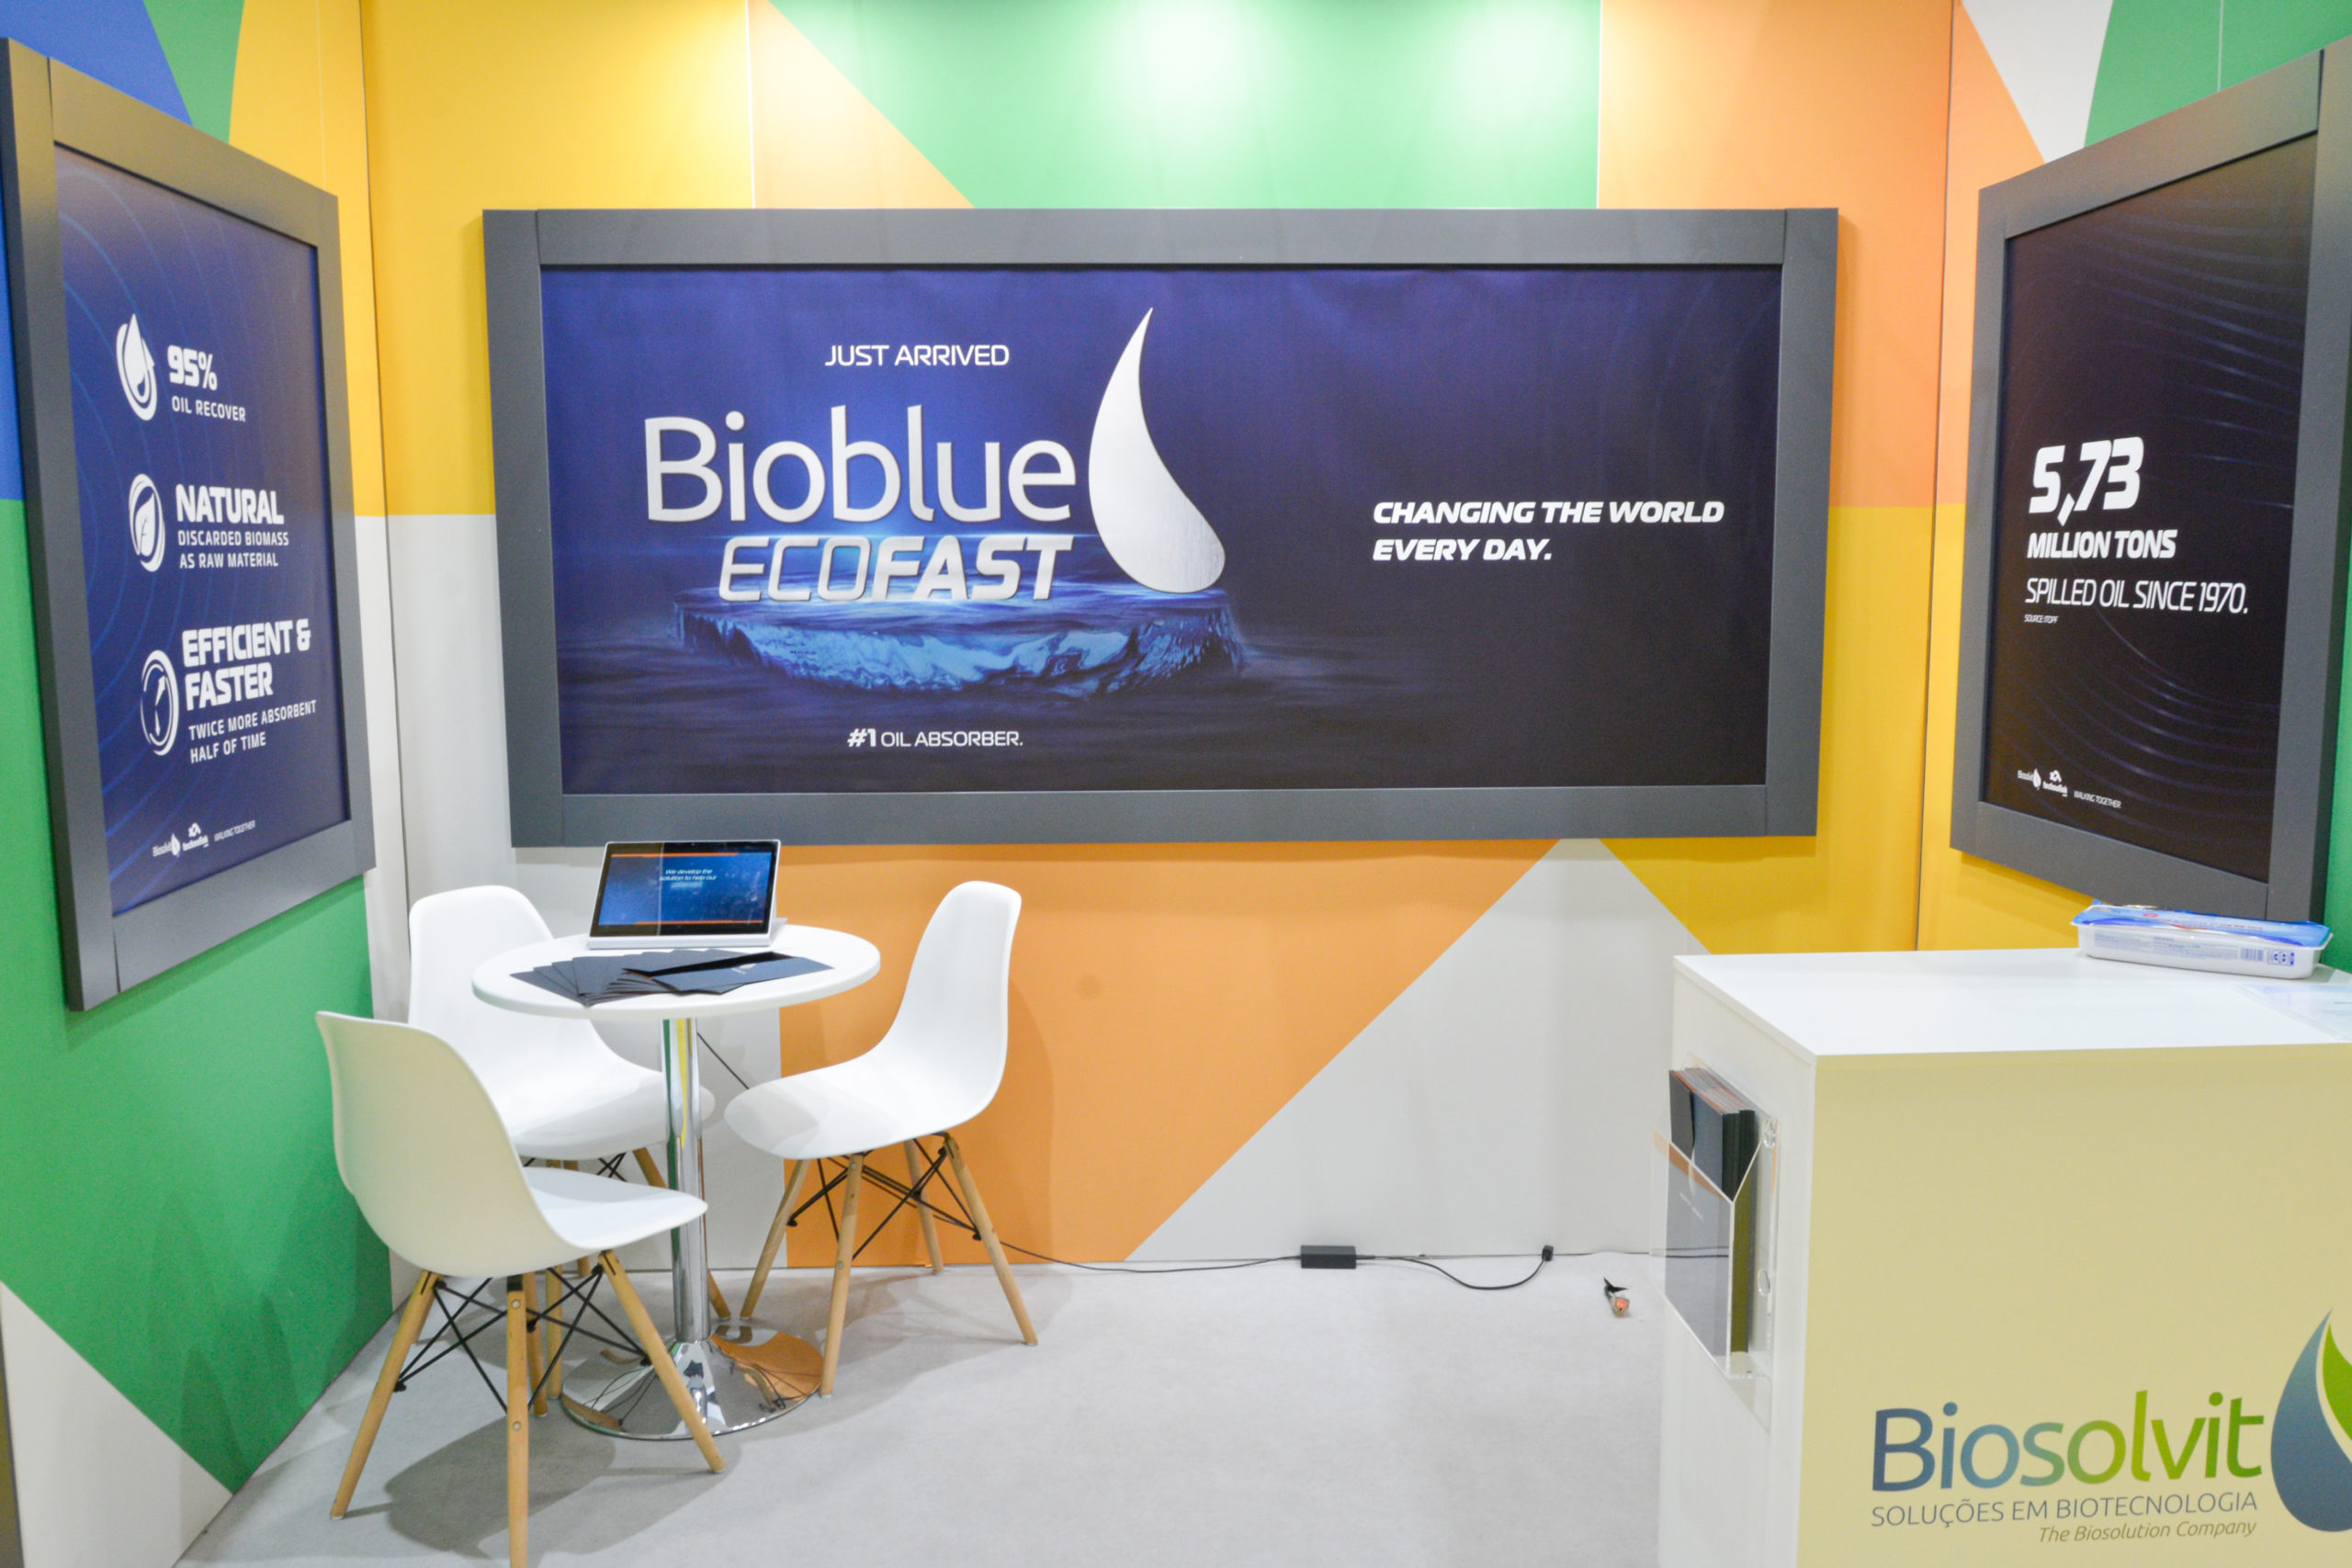 Biosolvit lança nova linha de produtos em conferência nos Estados Unidos